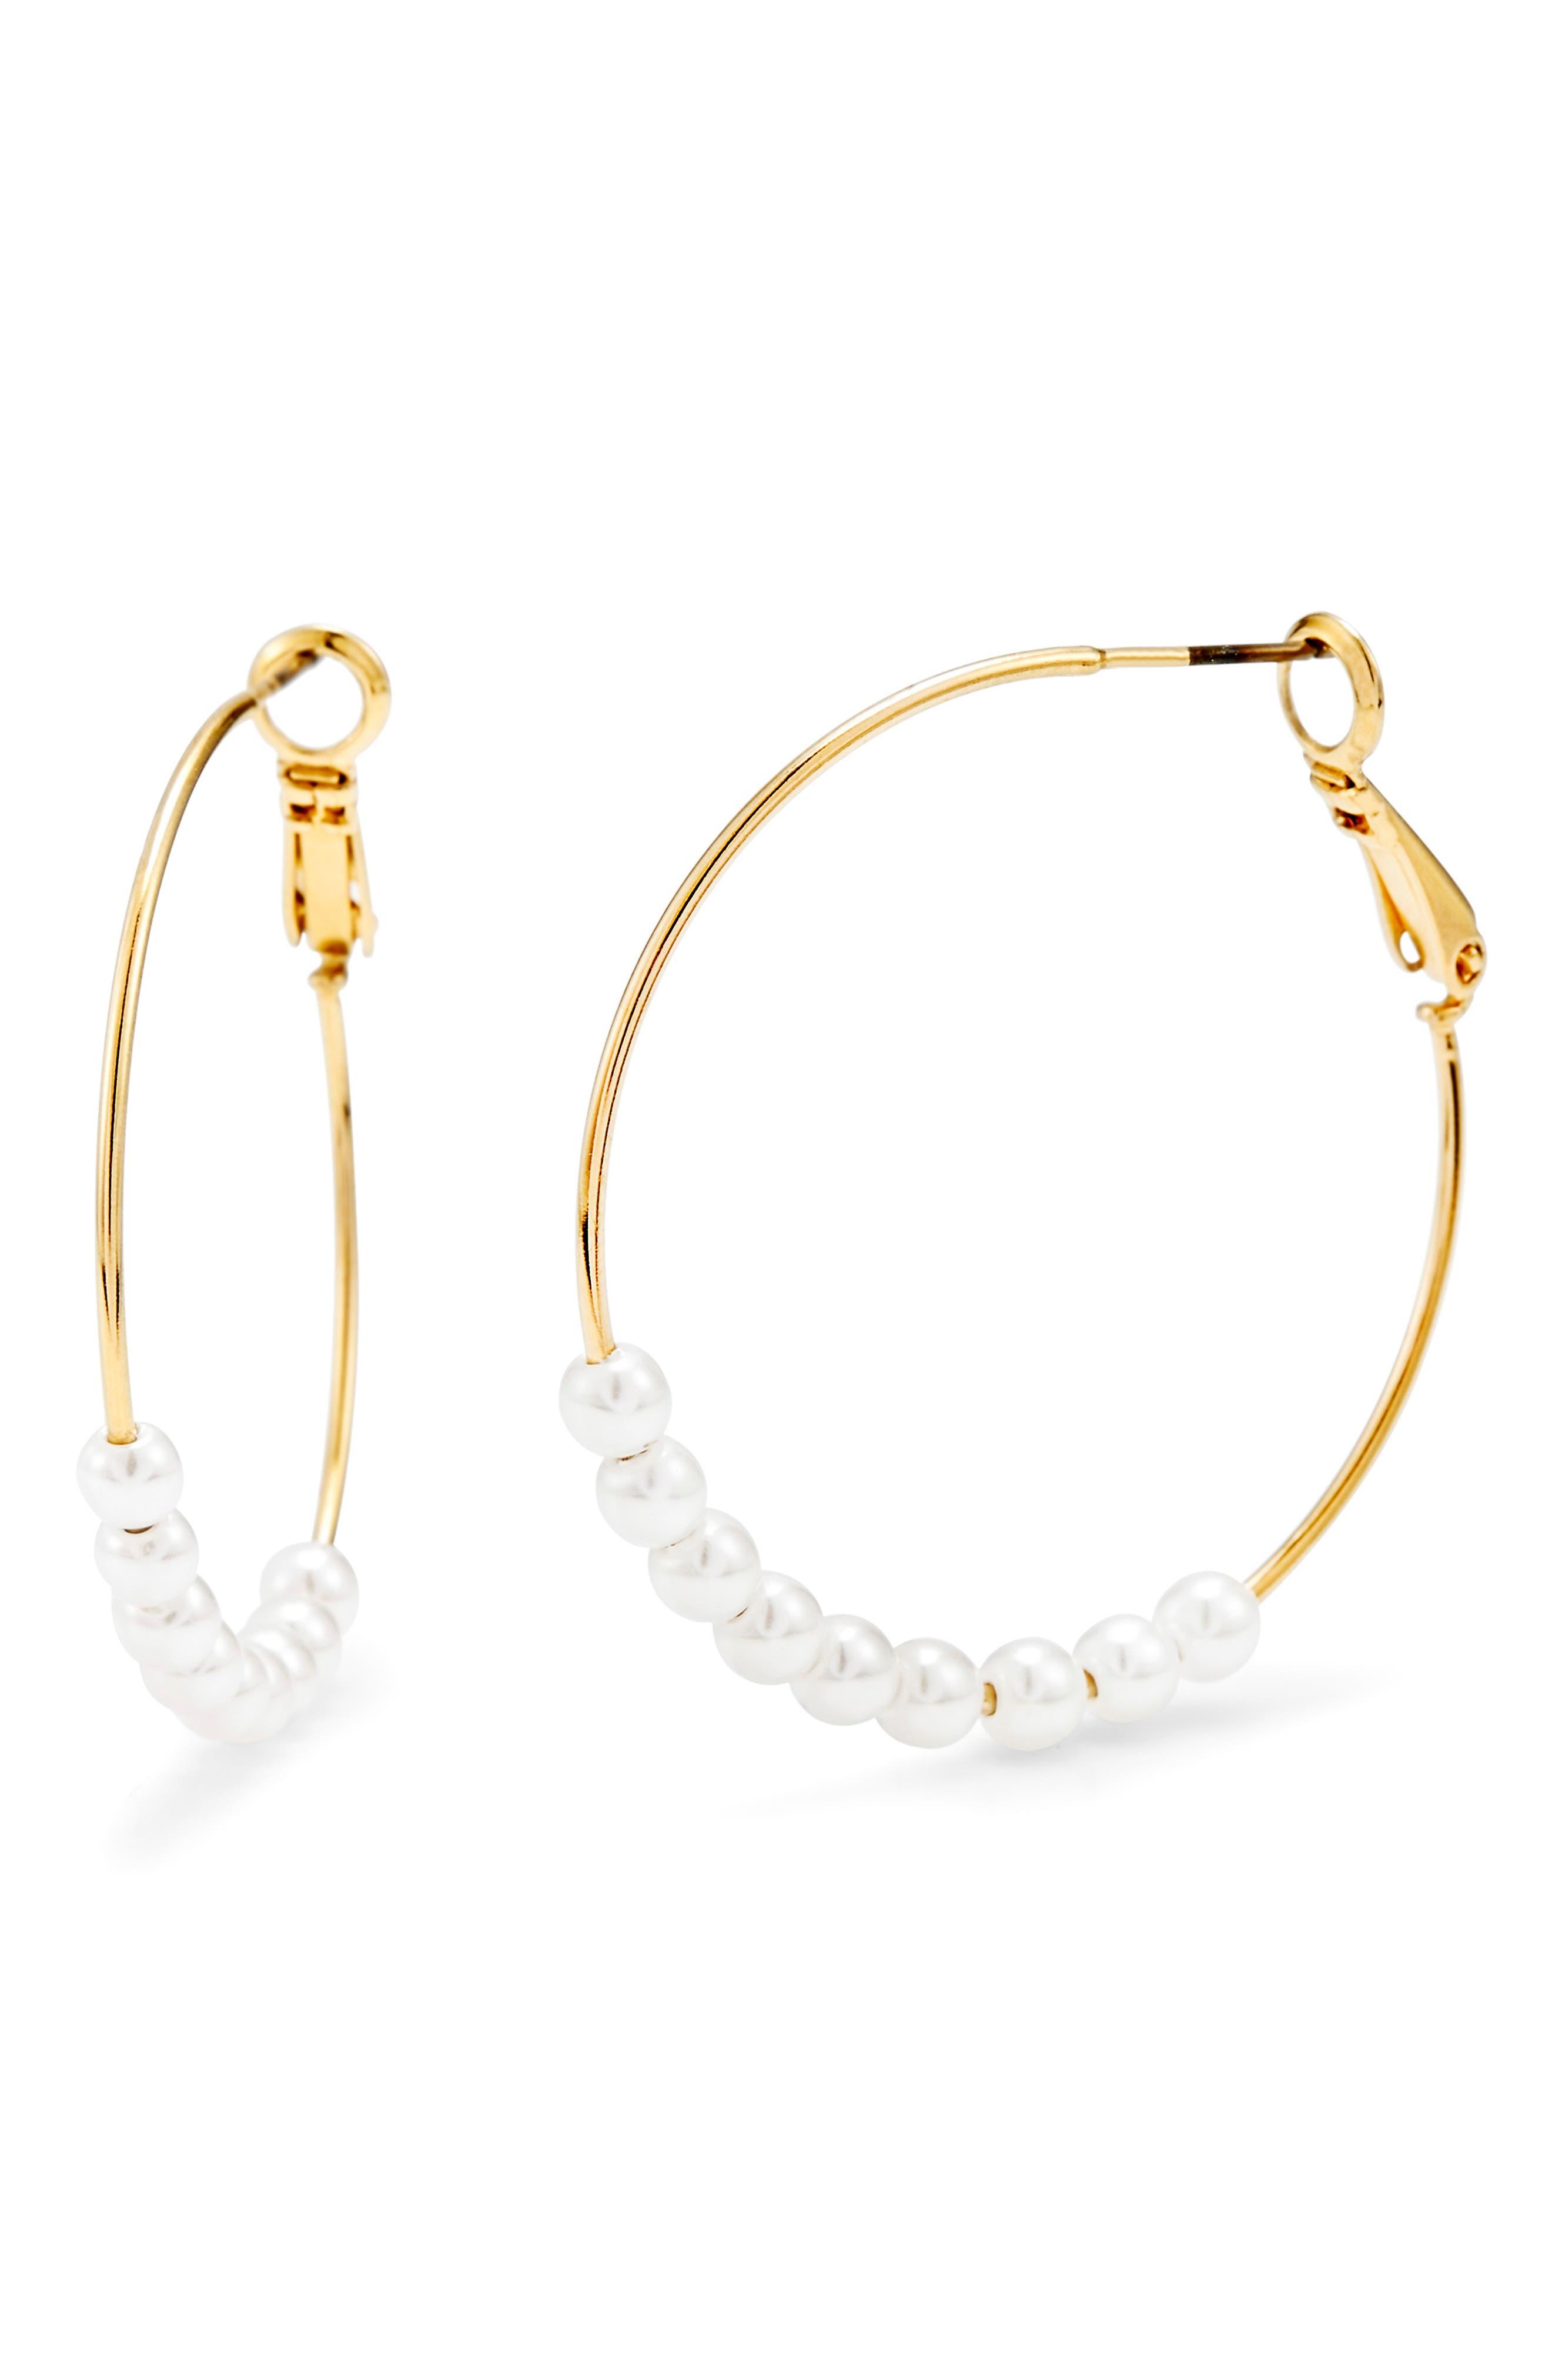 Taylor Imitation Pearl Hoop Earrings